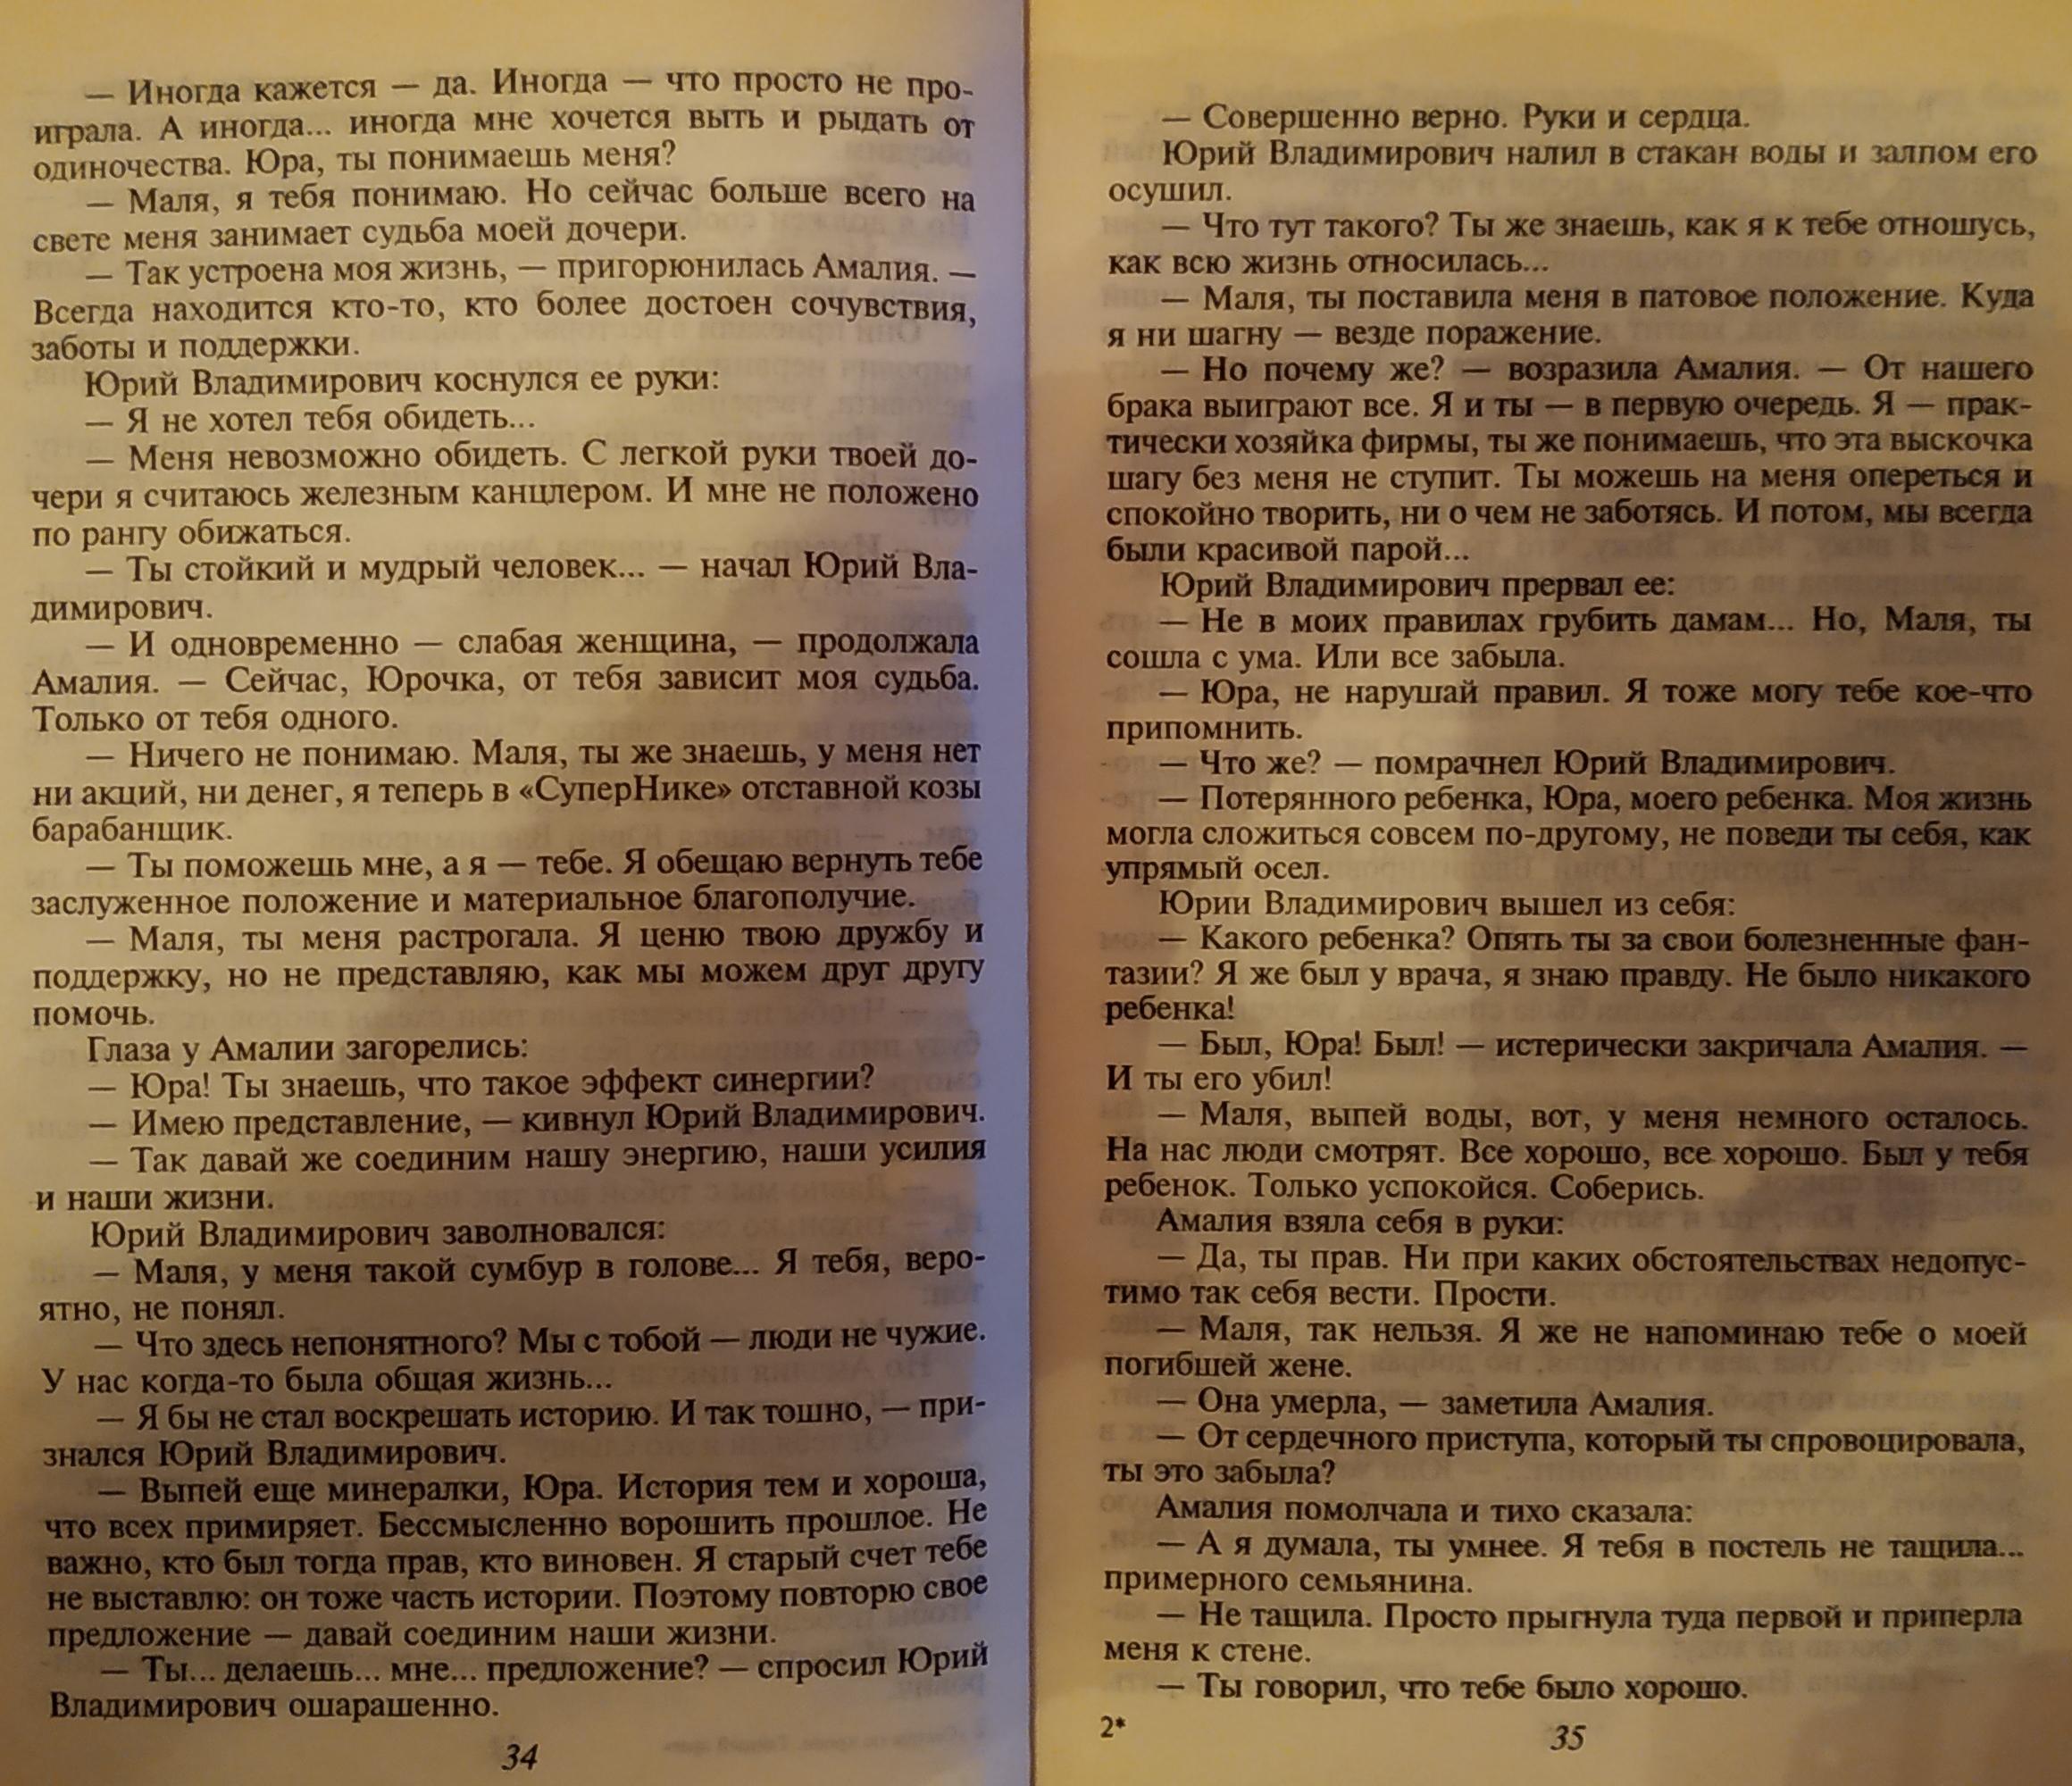 http://s3.uploads.ru/U7wCO.jpg